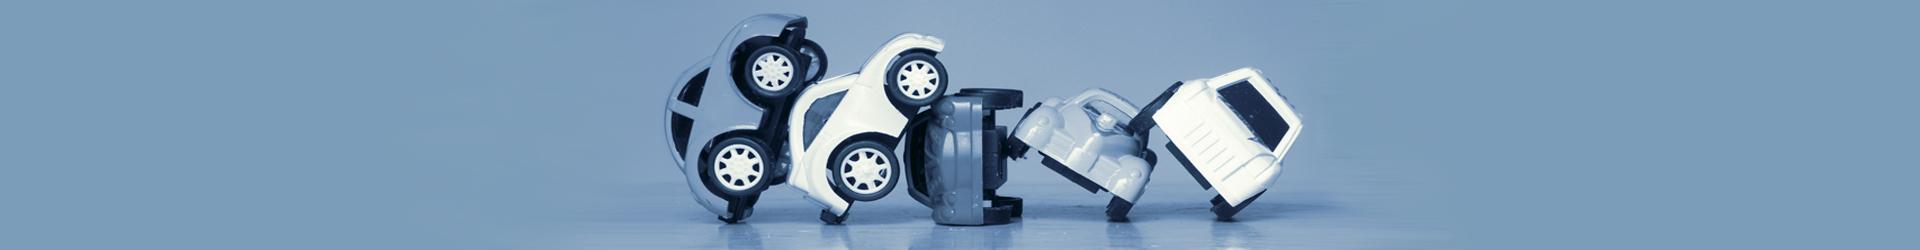 goedkope autoverzekering Roderik De Clerck | Verzekeringen Leningen en beleggingen | Brugge